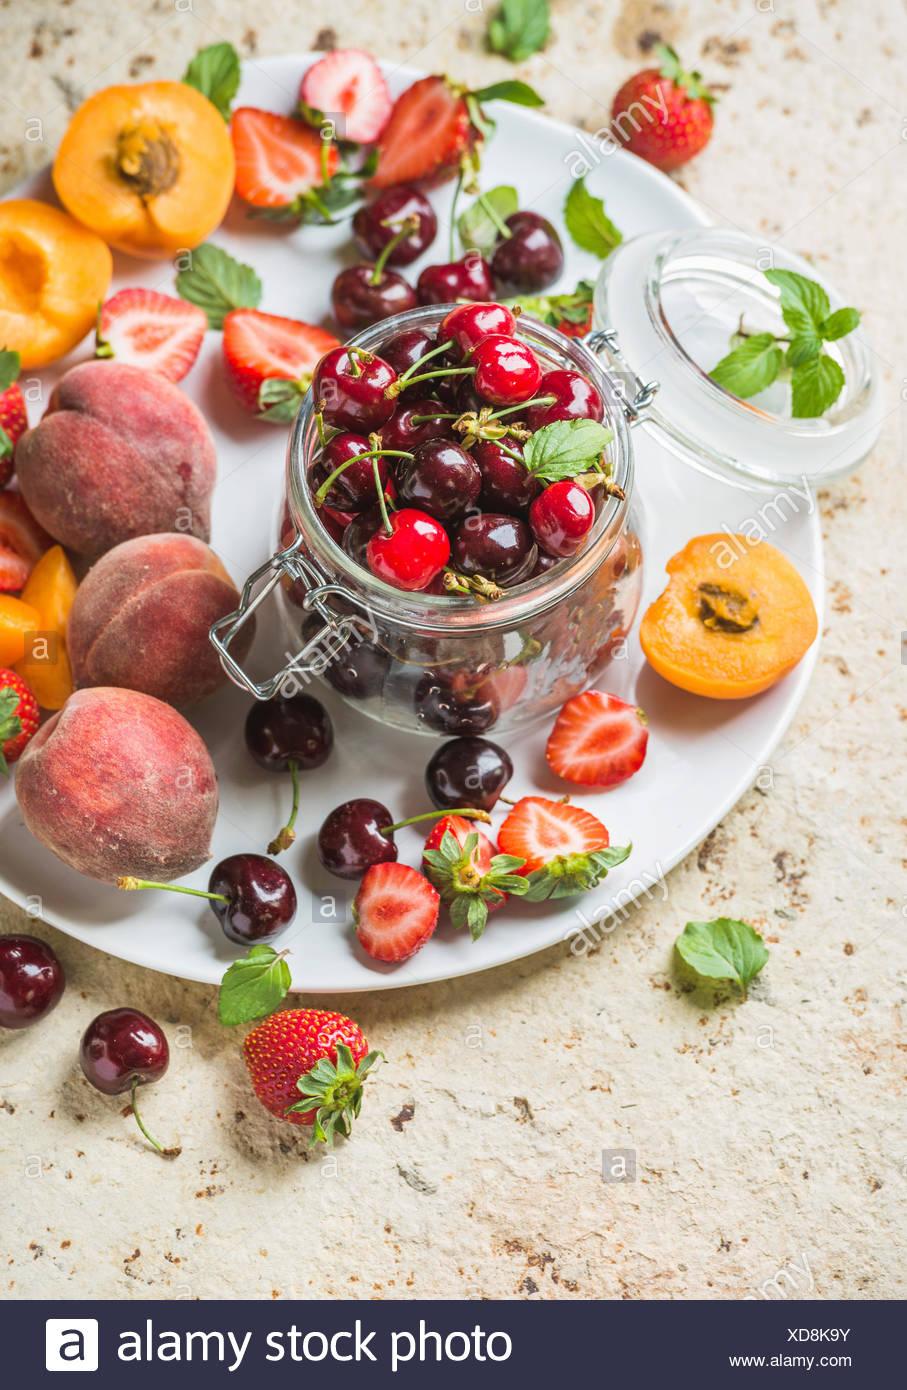 Sana frutta estiva varietà. Dolce di ciliegie, di pesche e fragole su bianco che serve la piastra al di sopra della luce di sfondo di calcestruzzo. Top v Immagini Stock